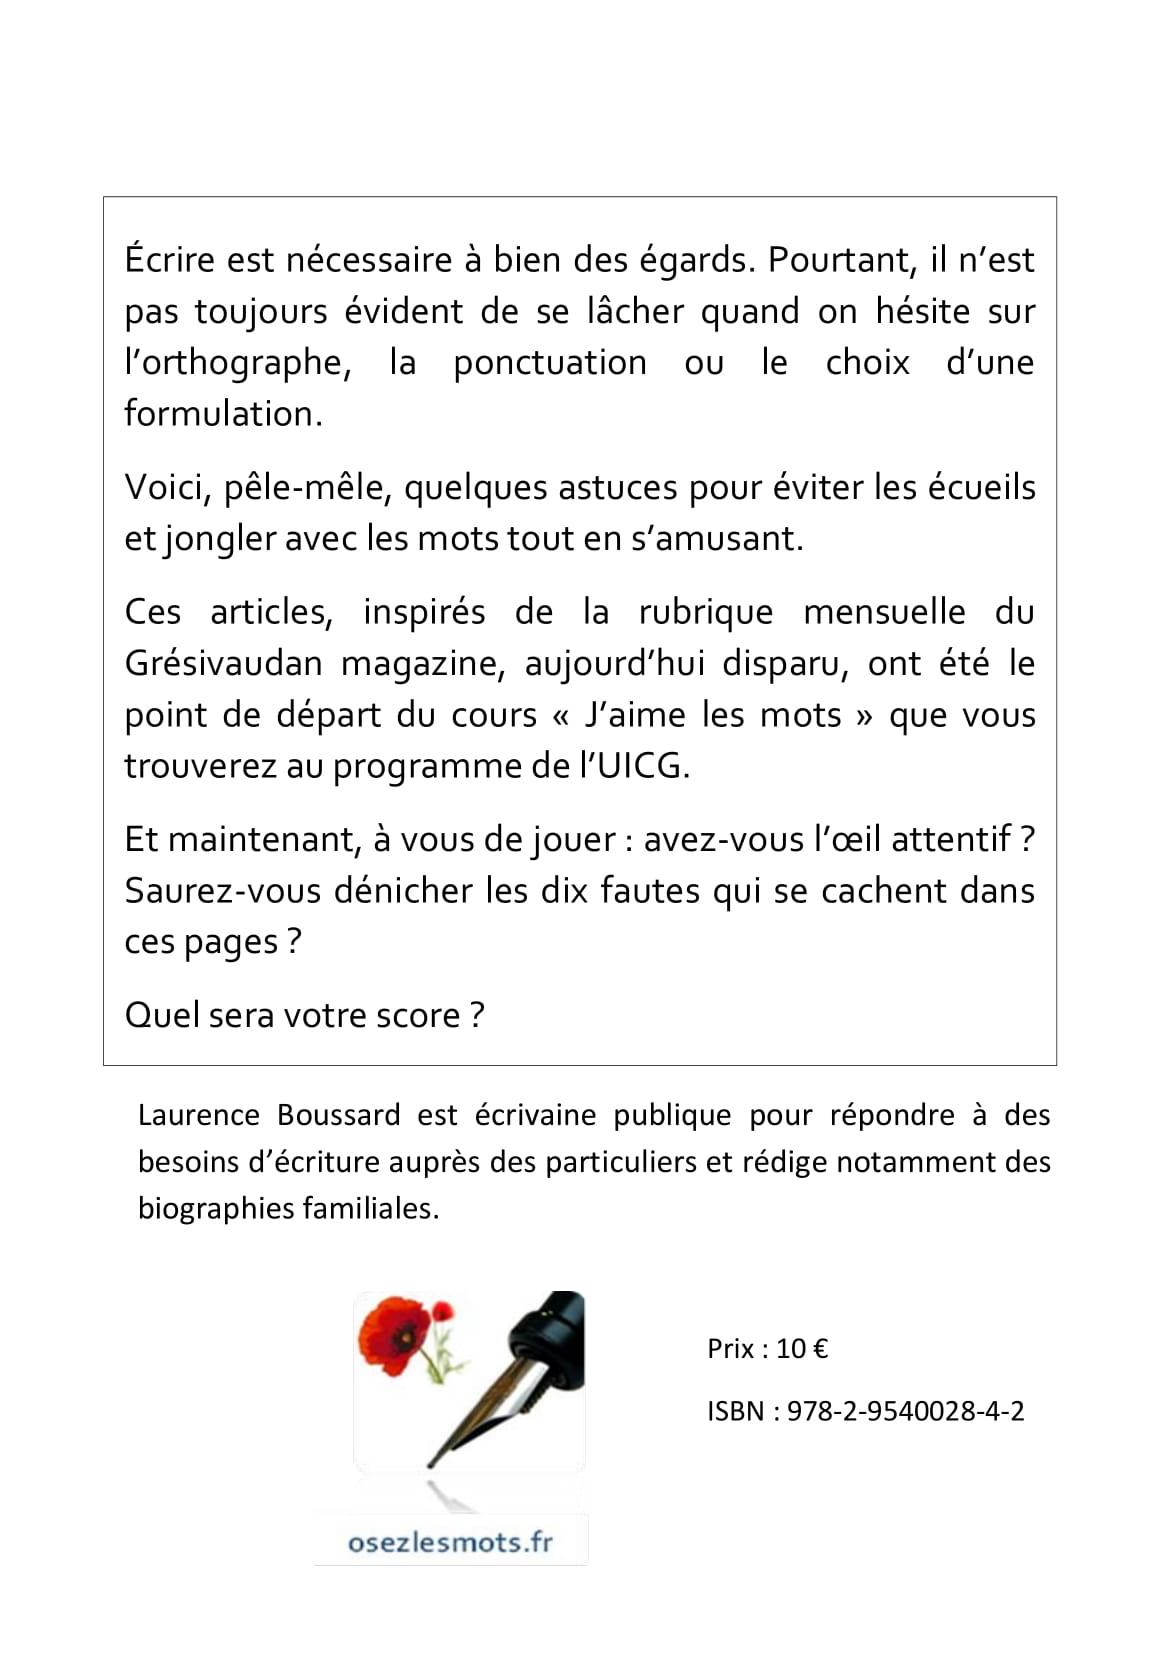 Publication der de couv uicg 1 2